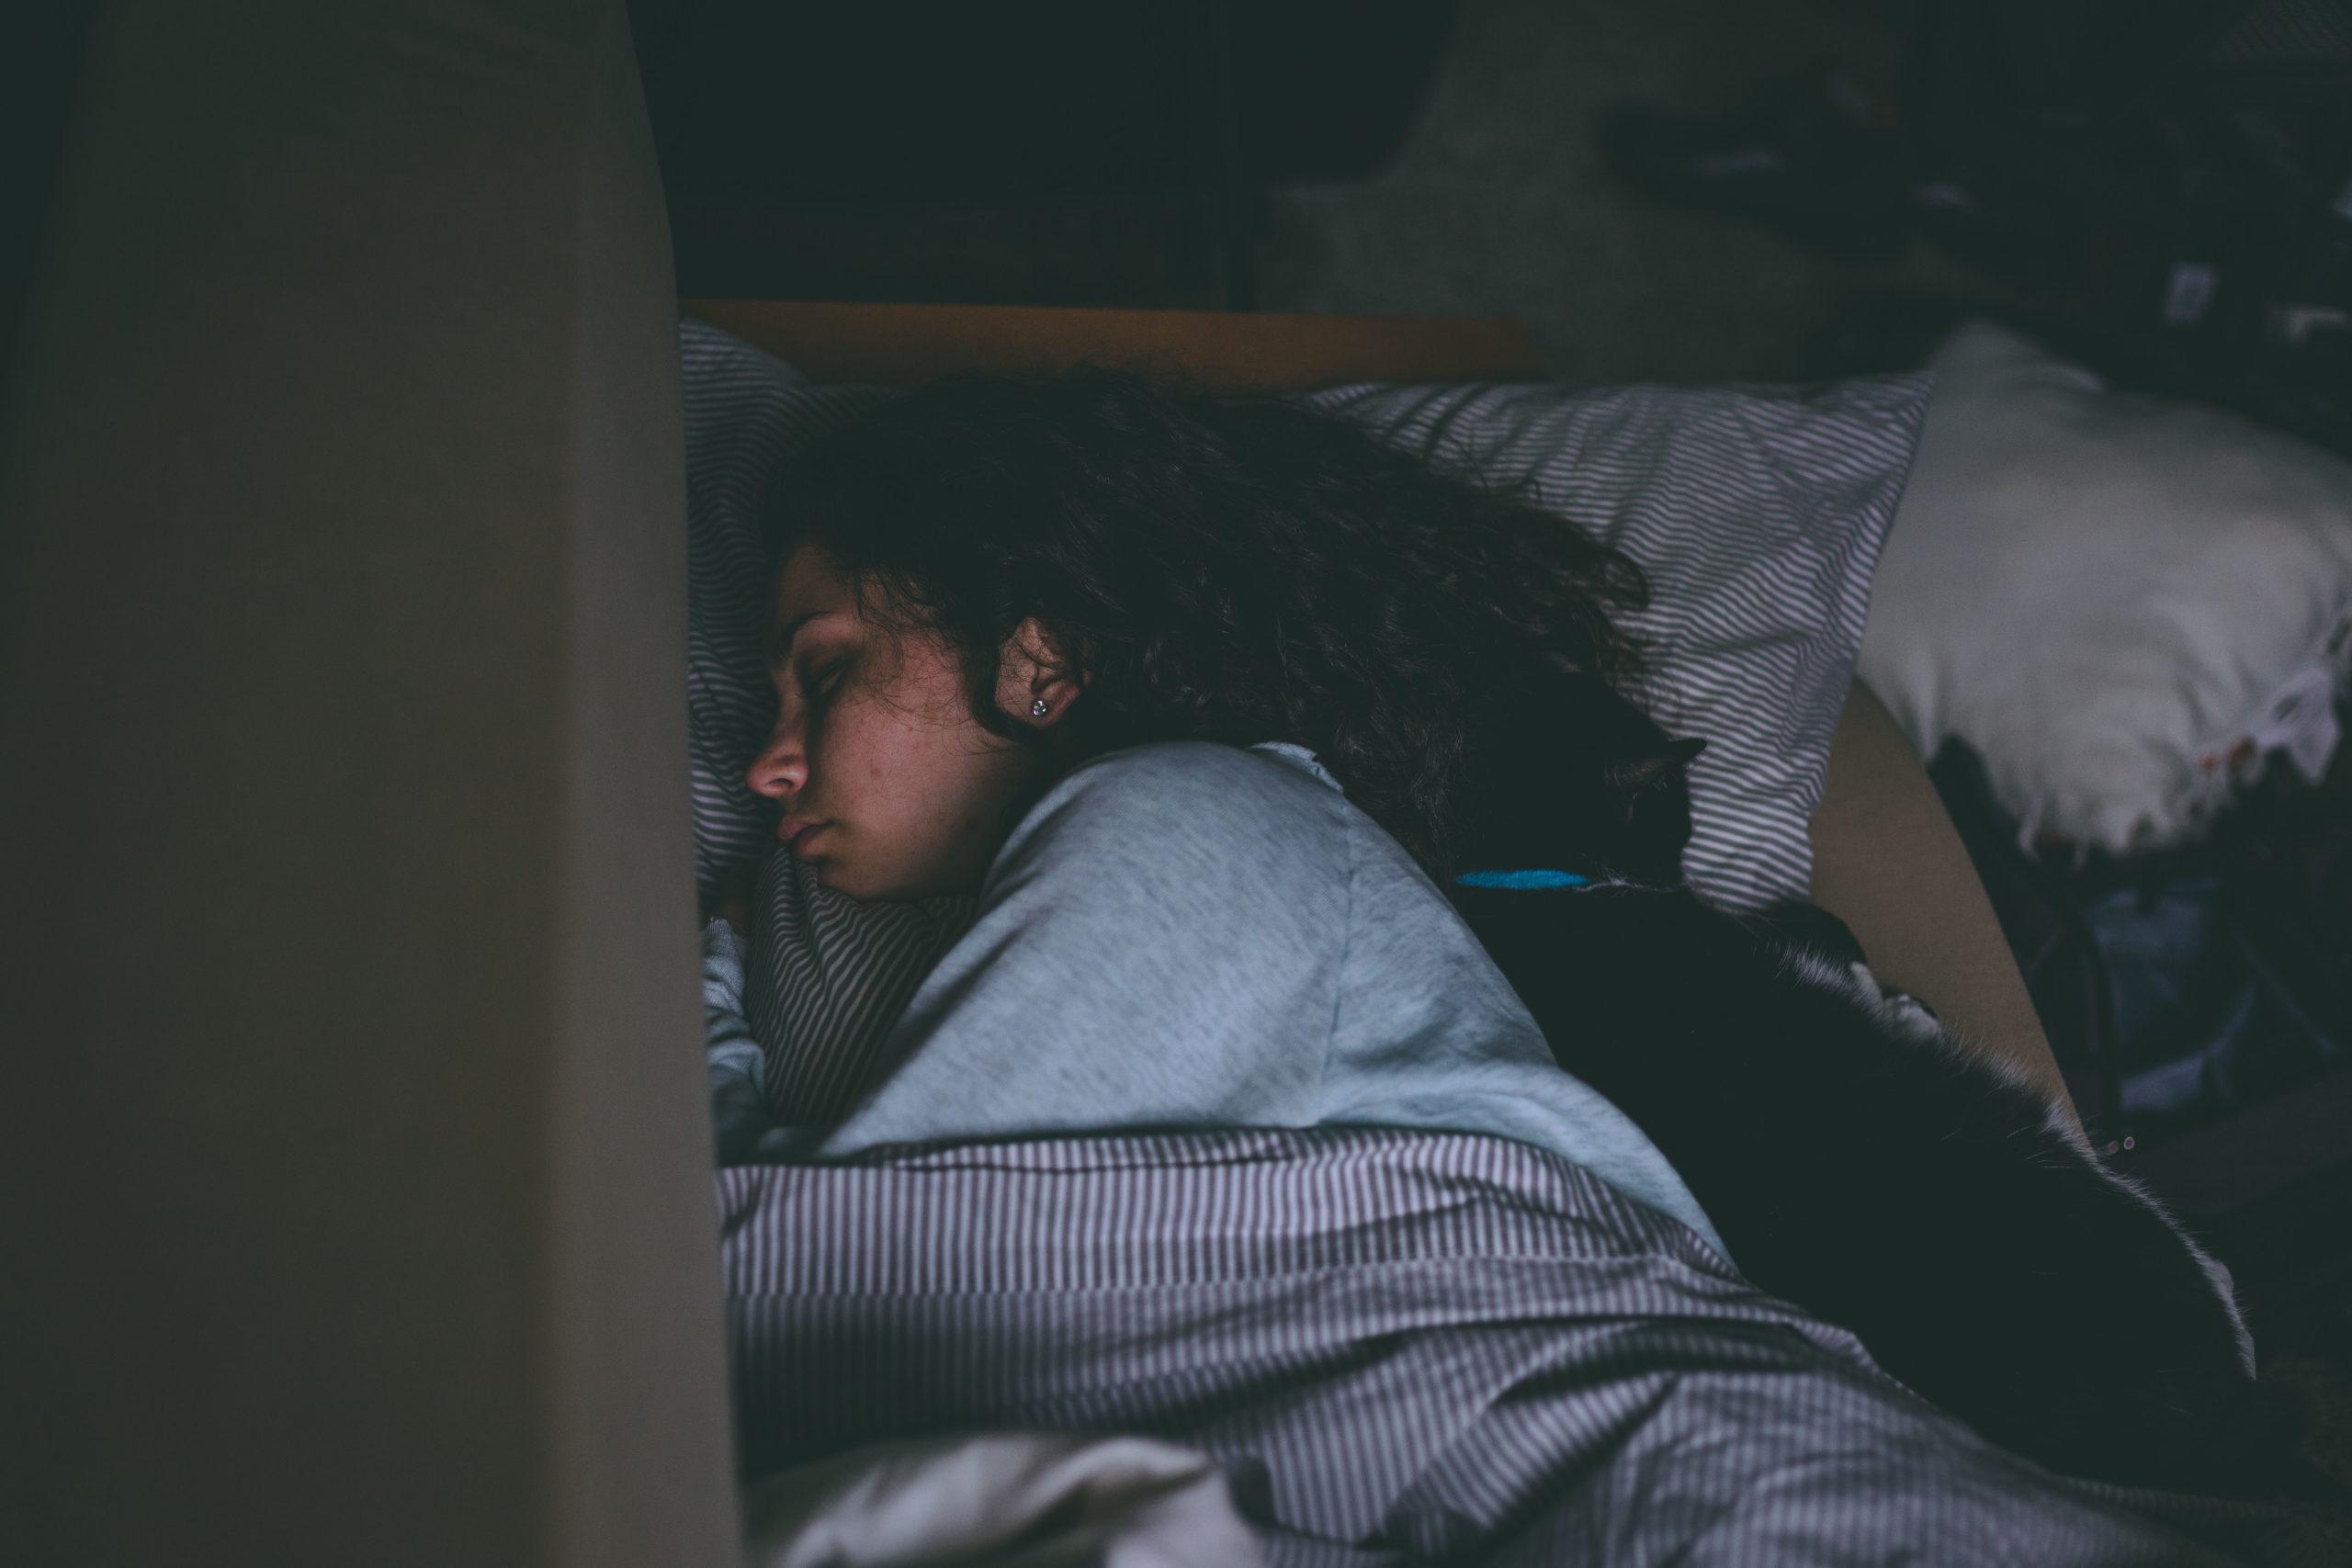 Uma mulher dormindo pois está exausta.